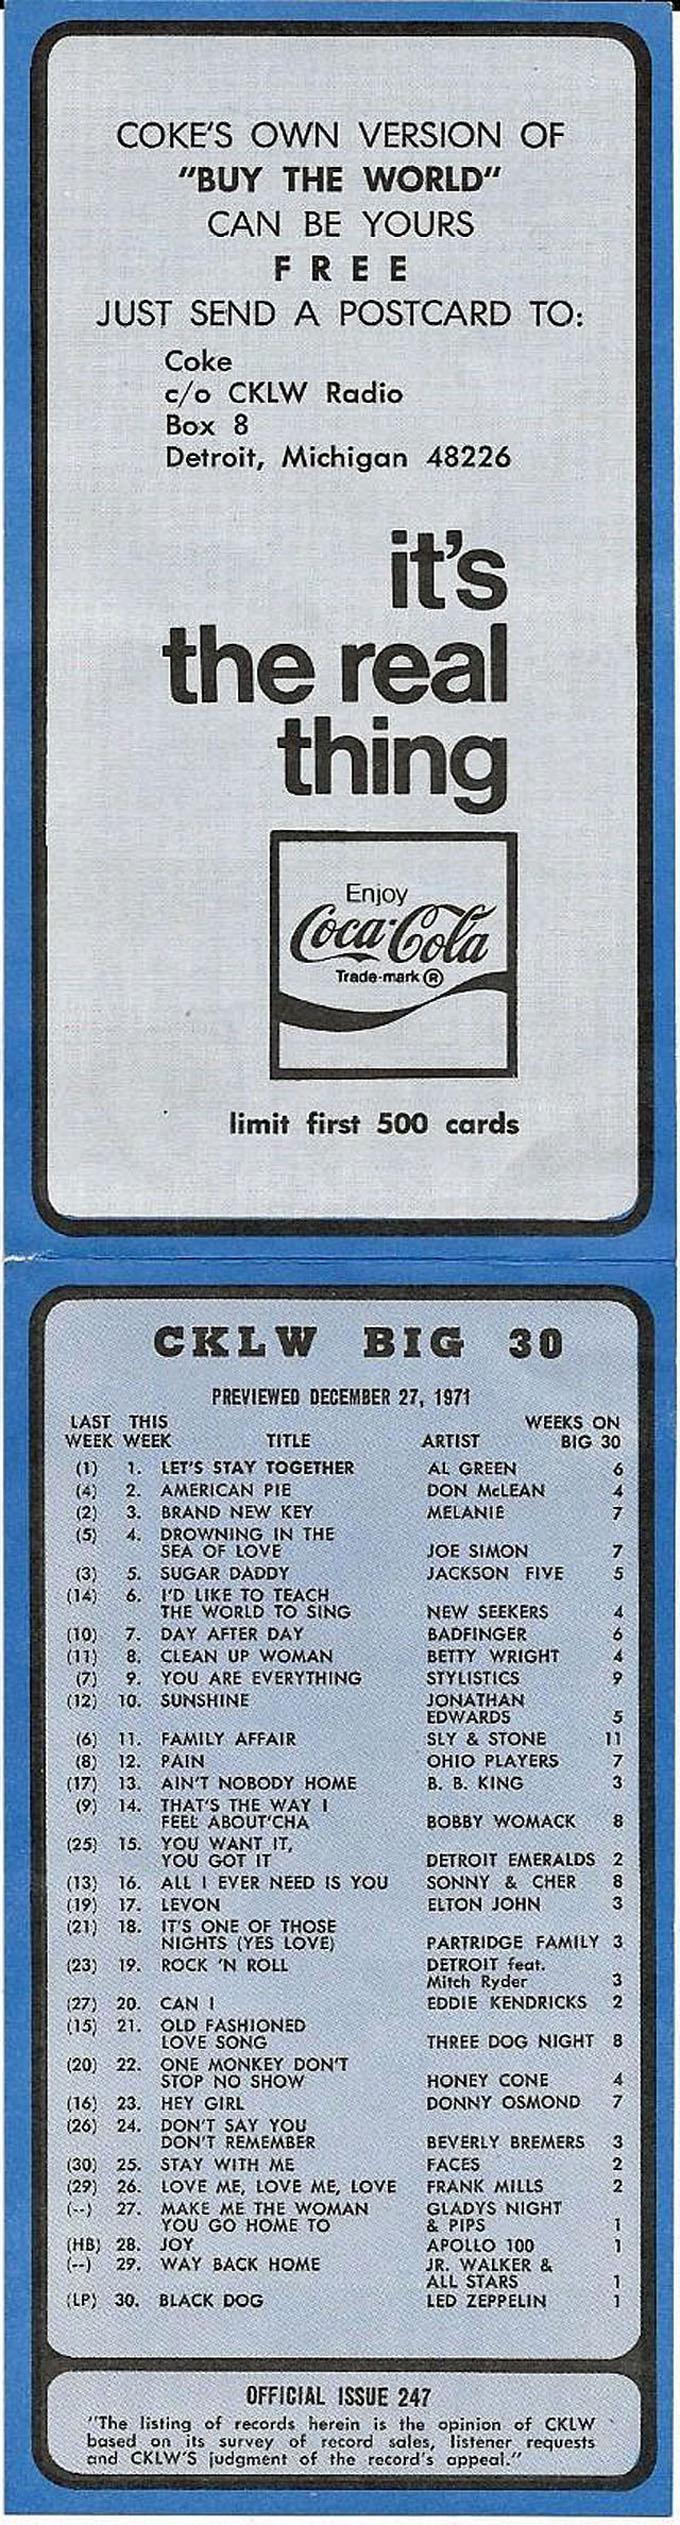 CKLW December 27, 1971 (inside)